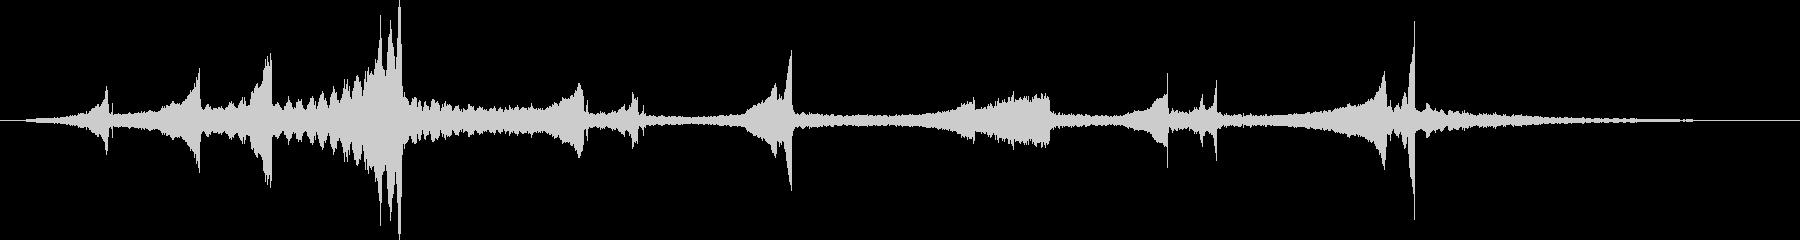 合唱の背景を持つ劇的な逆ピアノ弦を弾くの未再生の波形